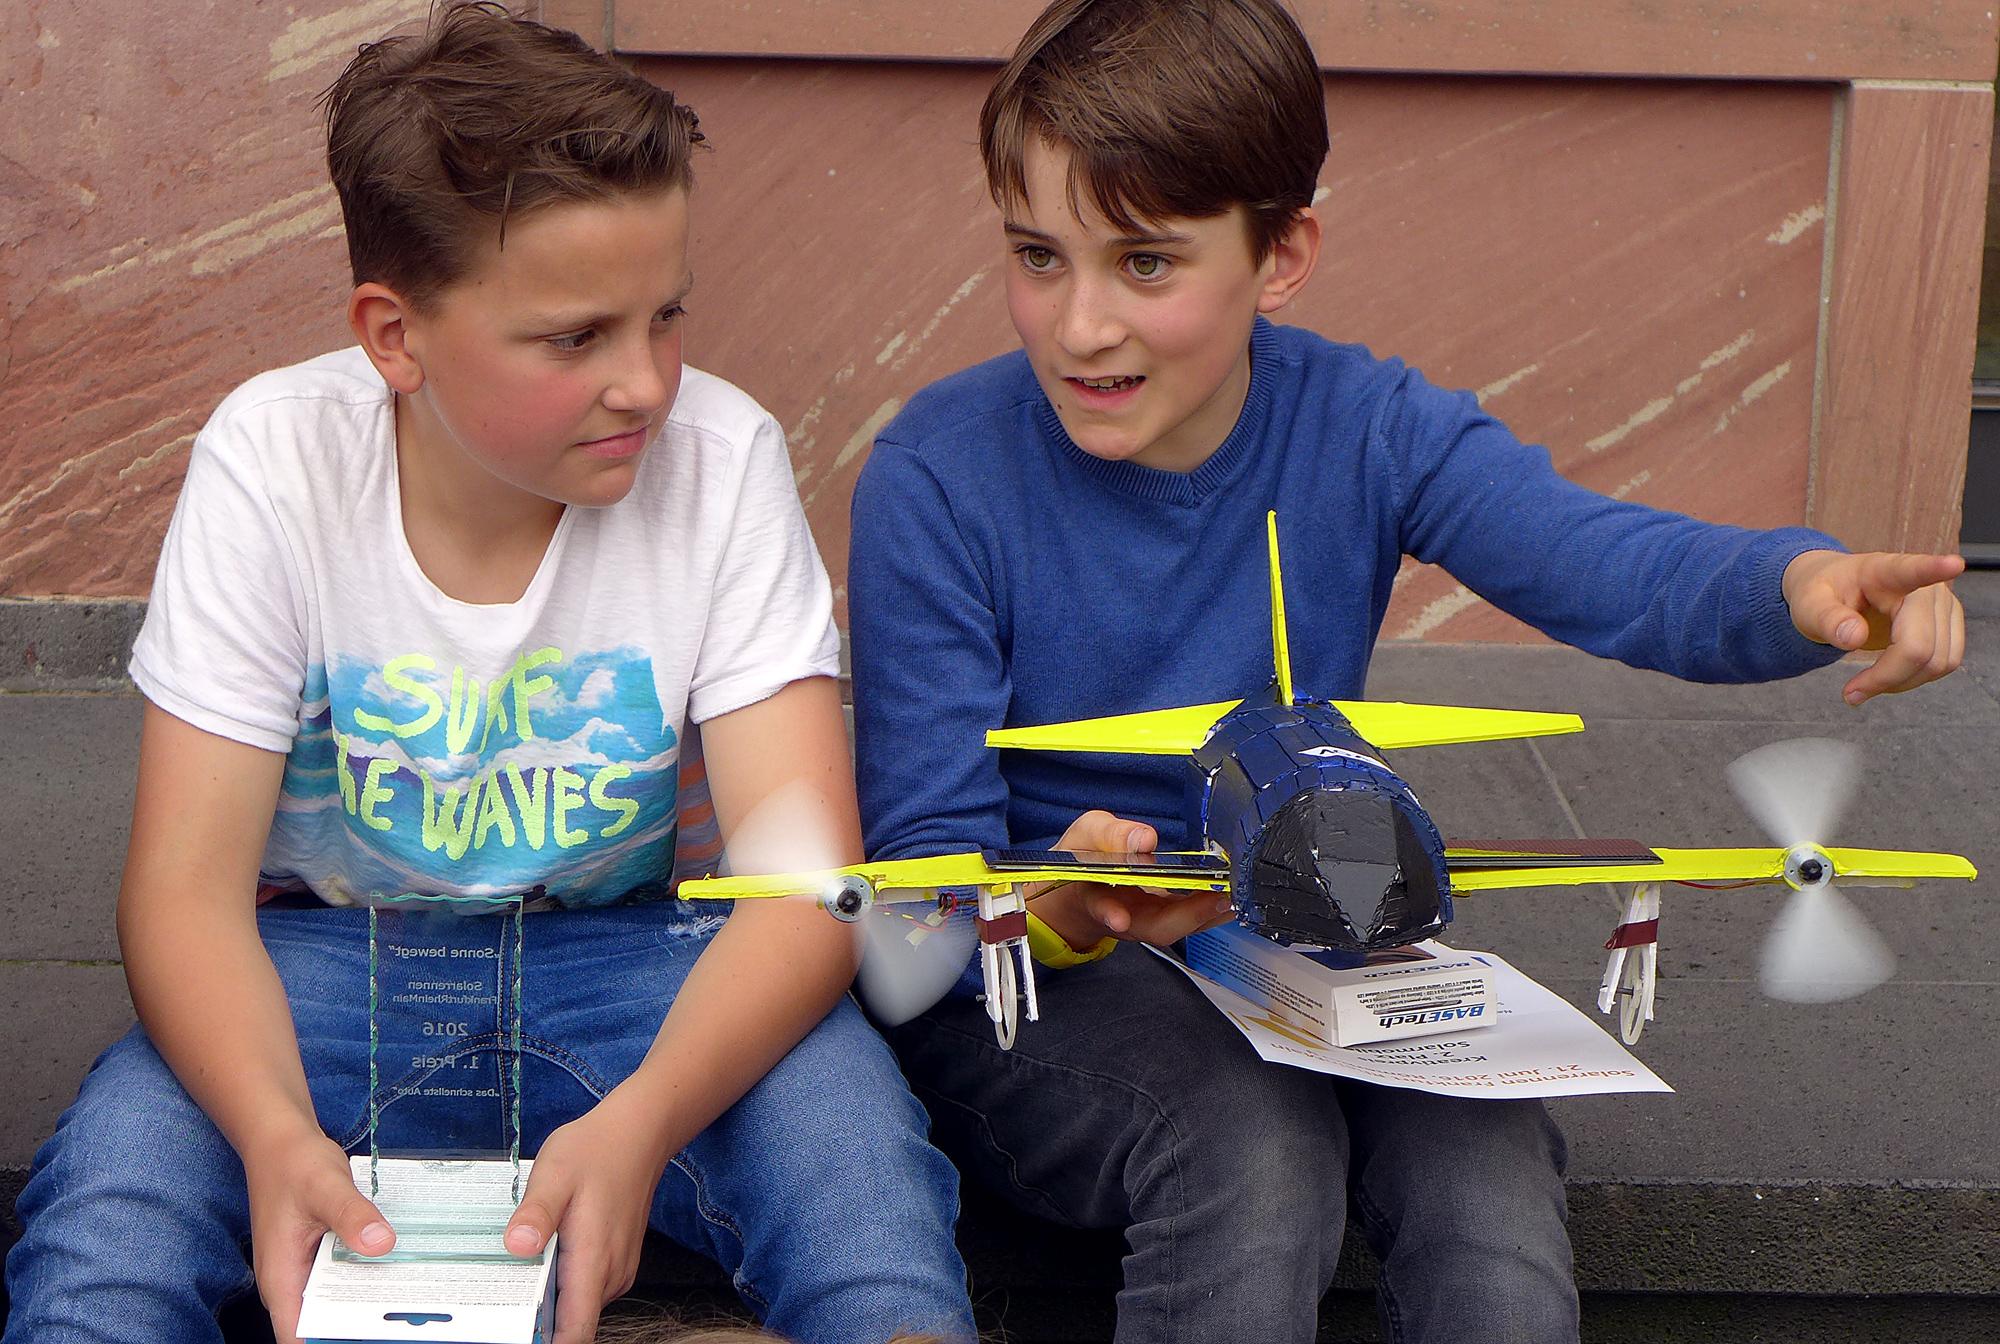 Gewinner unter sich: Finn und Paul diskutieren über das Rennen.